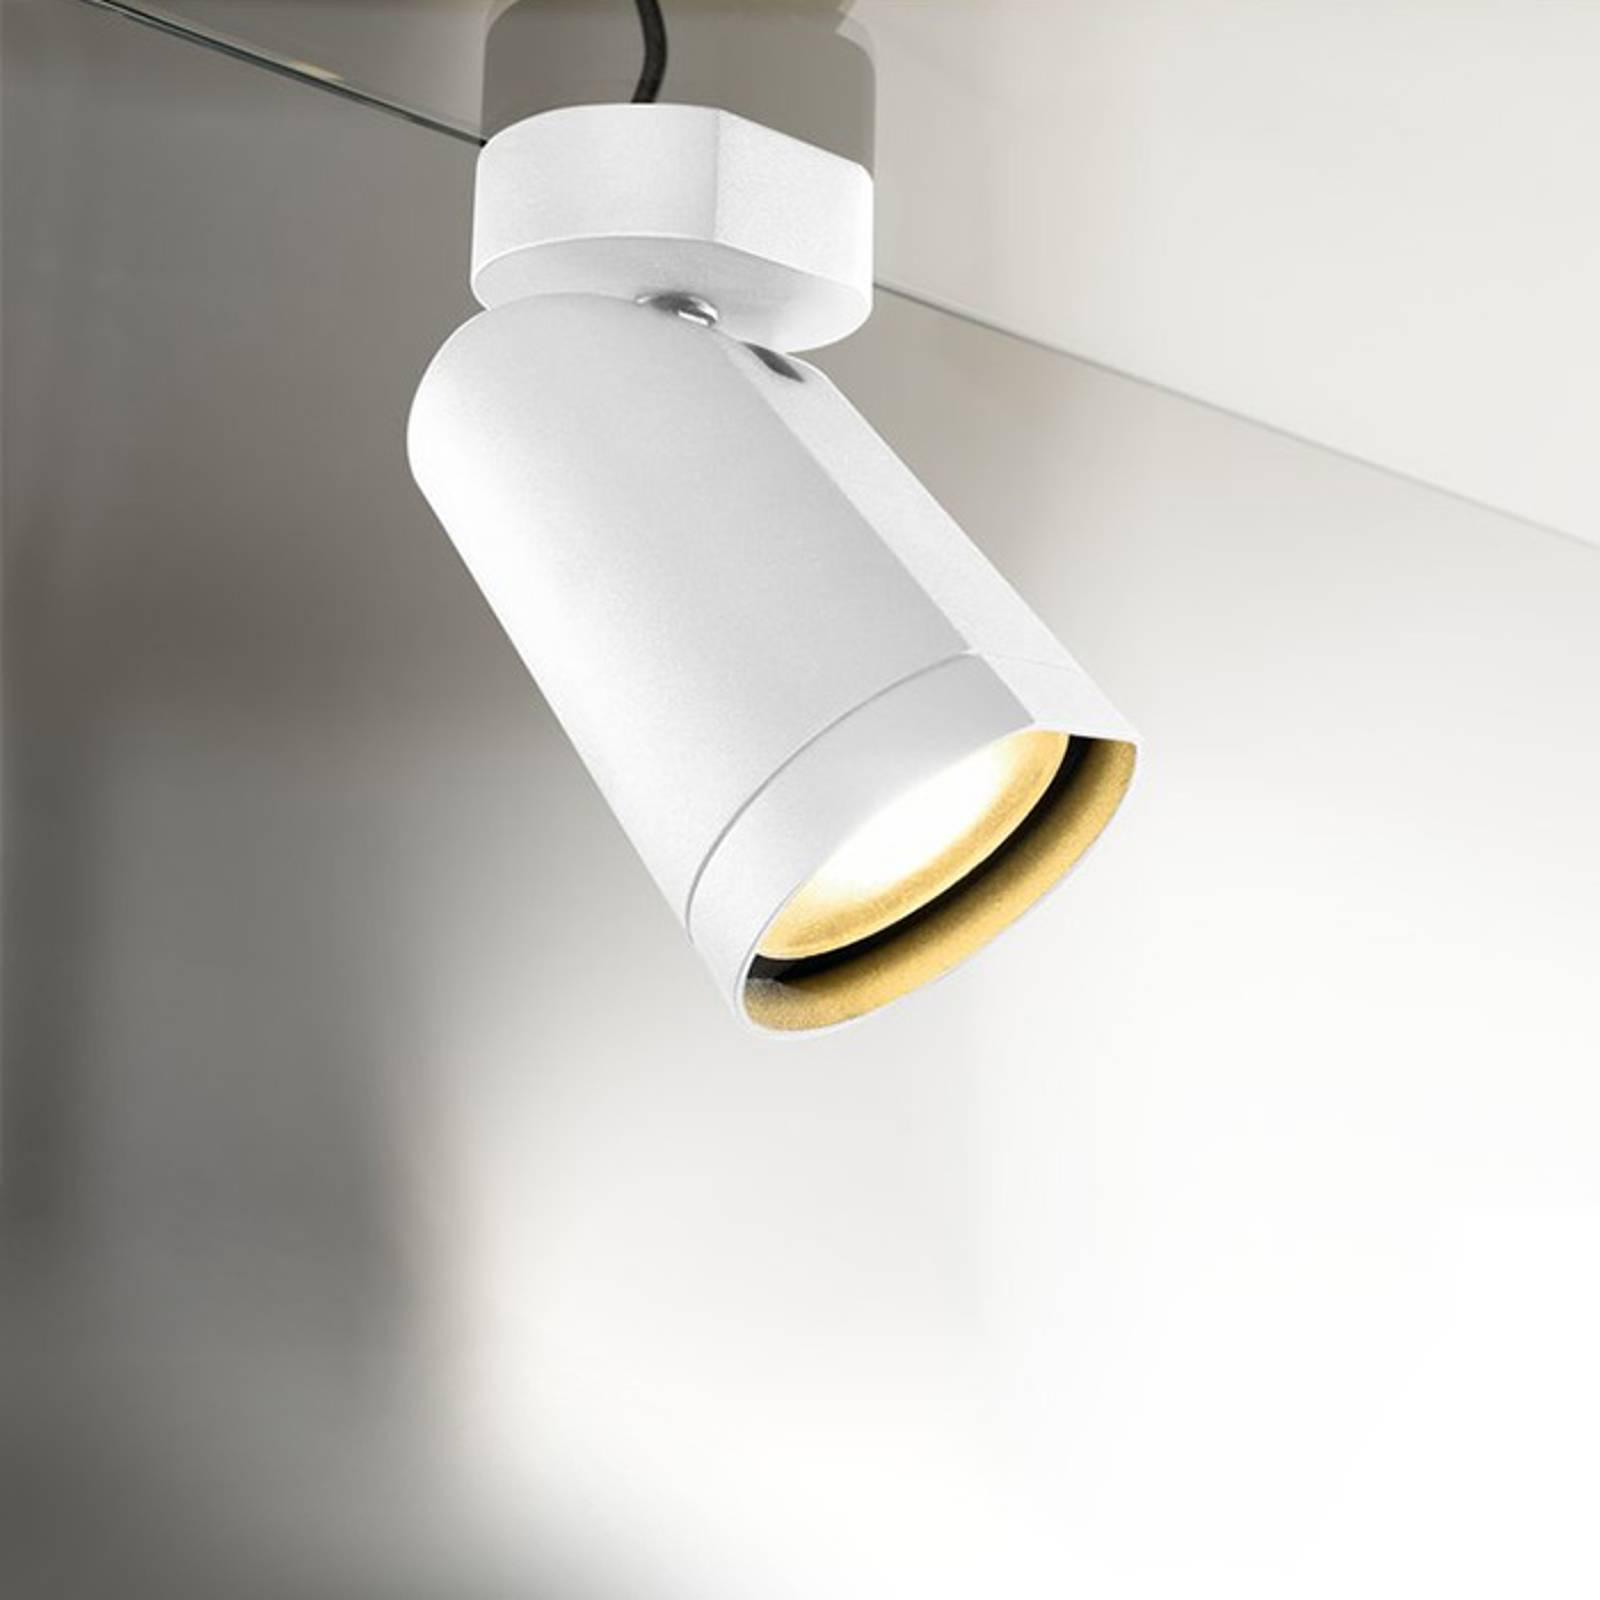 SLV Bilas LED-Strahler 1flg. weiß